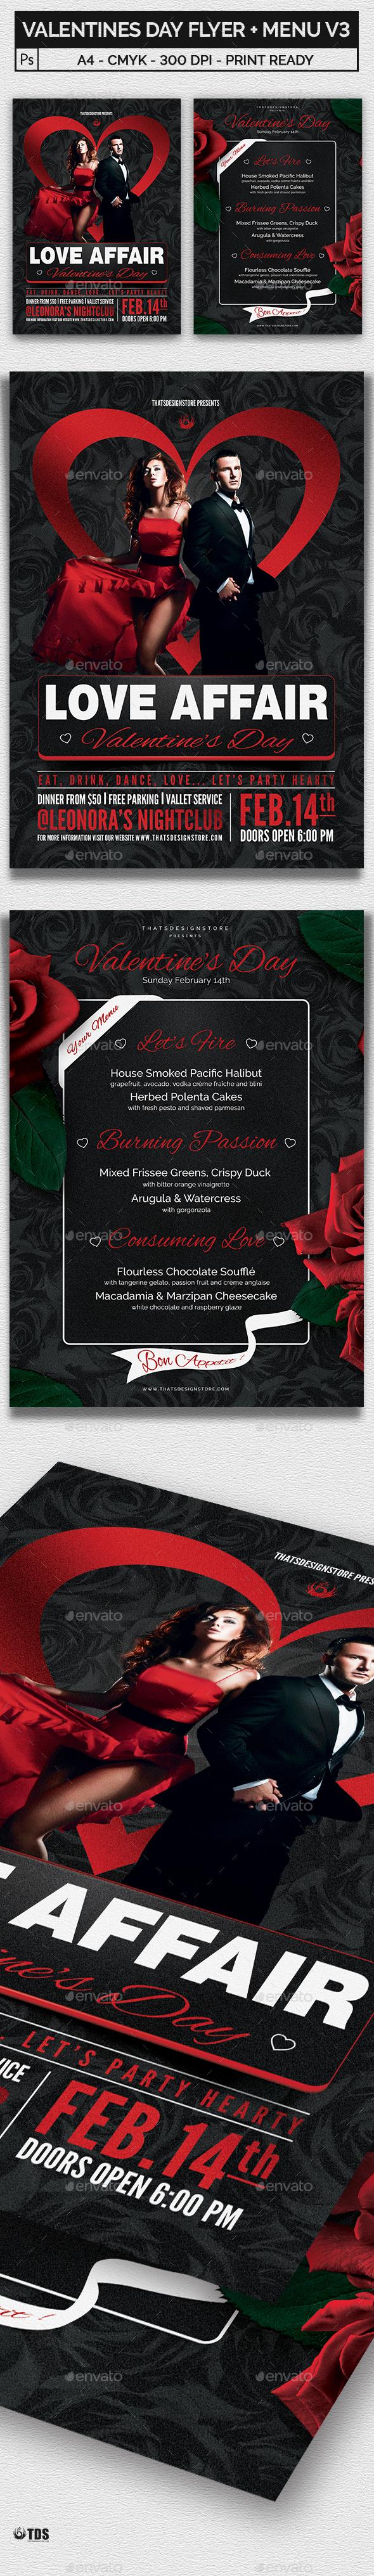 Valentines Day Flyer + Menu Bundle V3 - Holidays Events